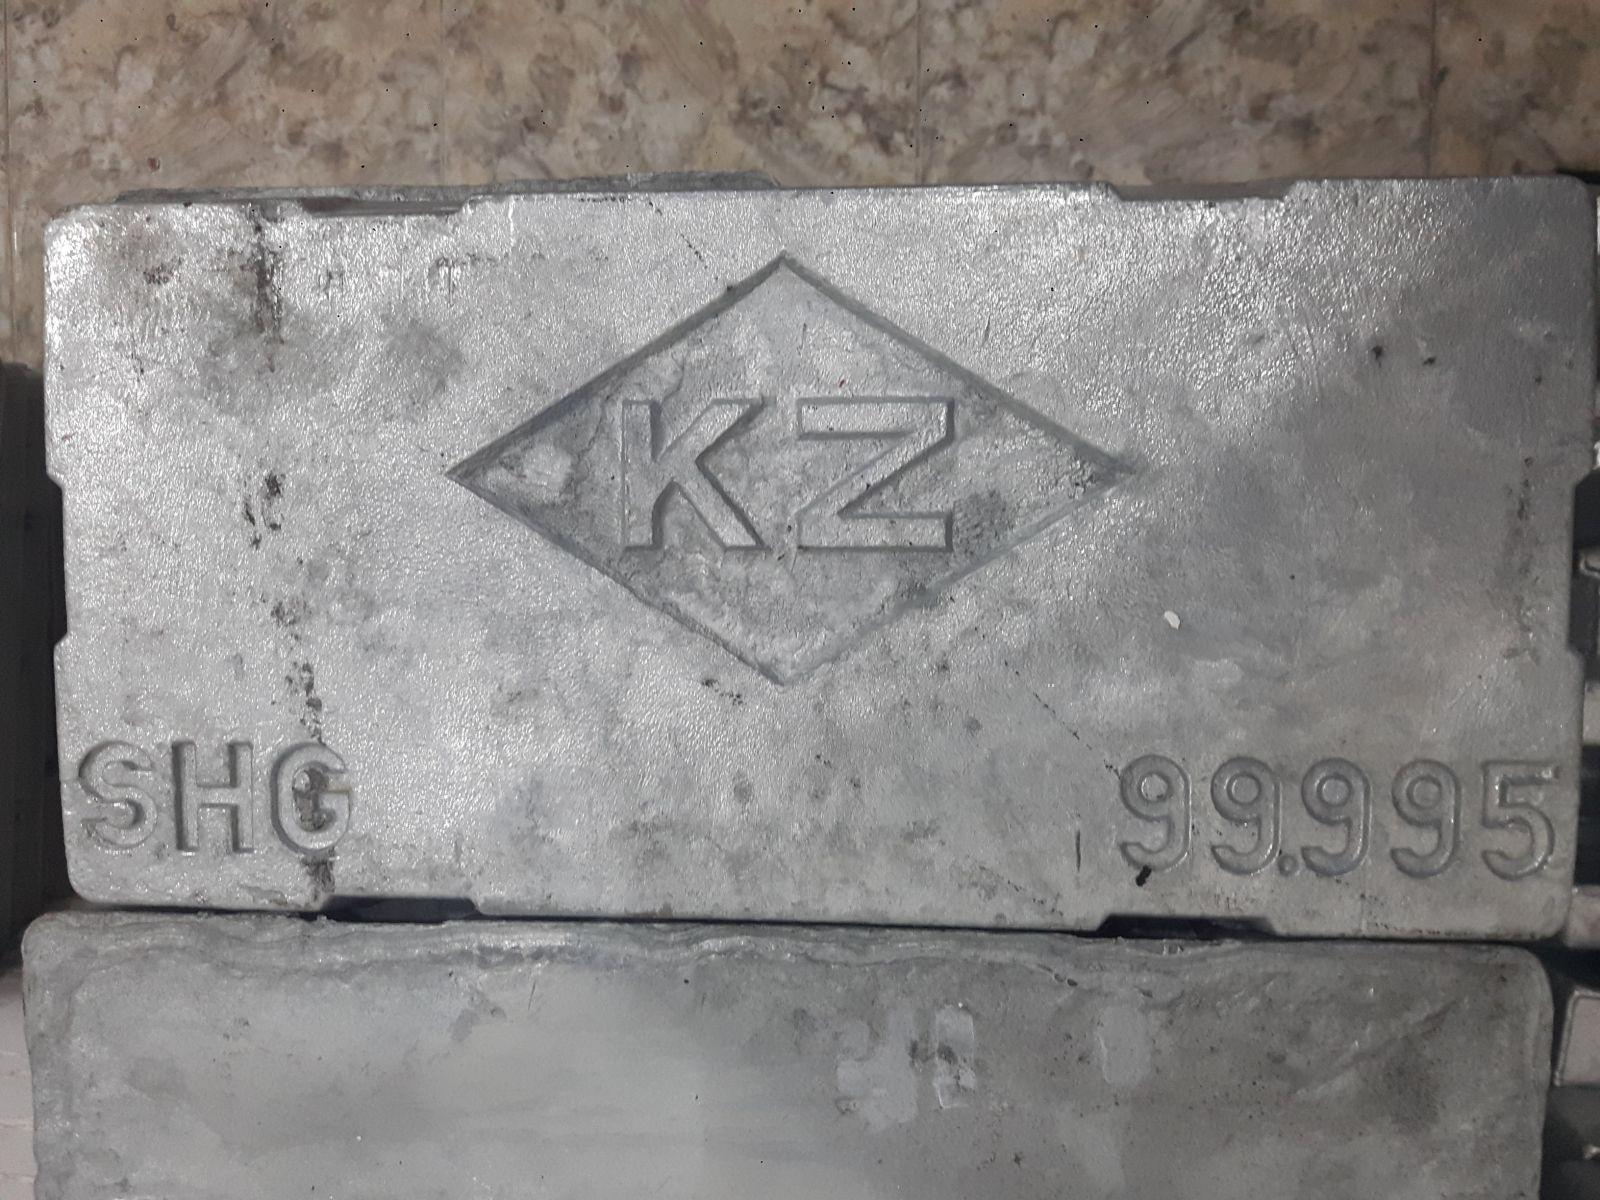 Kẽm thỏi nguyên chất 99.995% - KZ YP Hàn Quốc